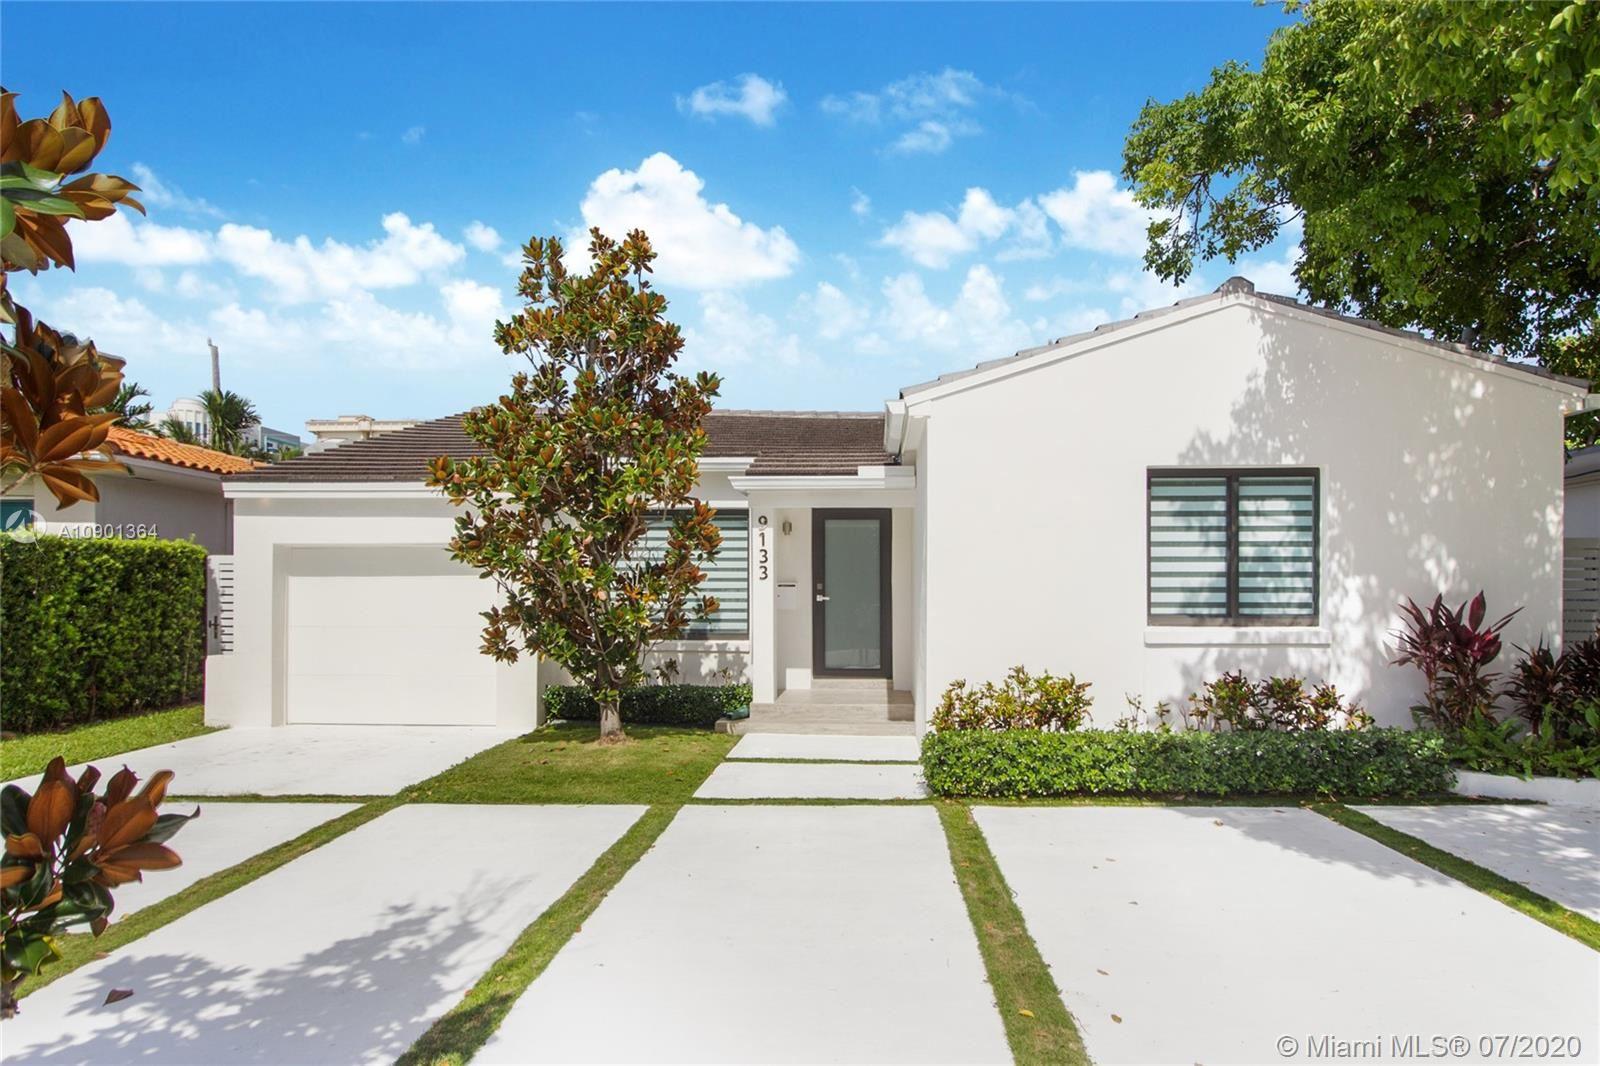 9133 Abbott Ave, Surfside, FL 33154 - #: A10901364